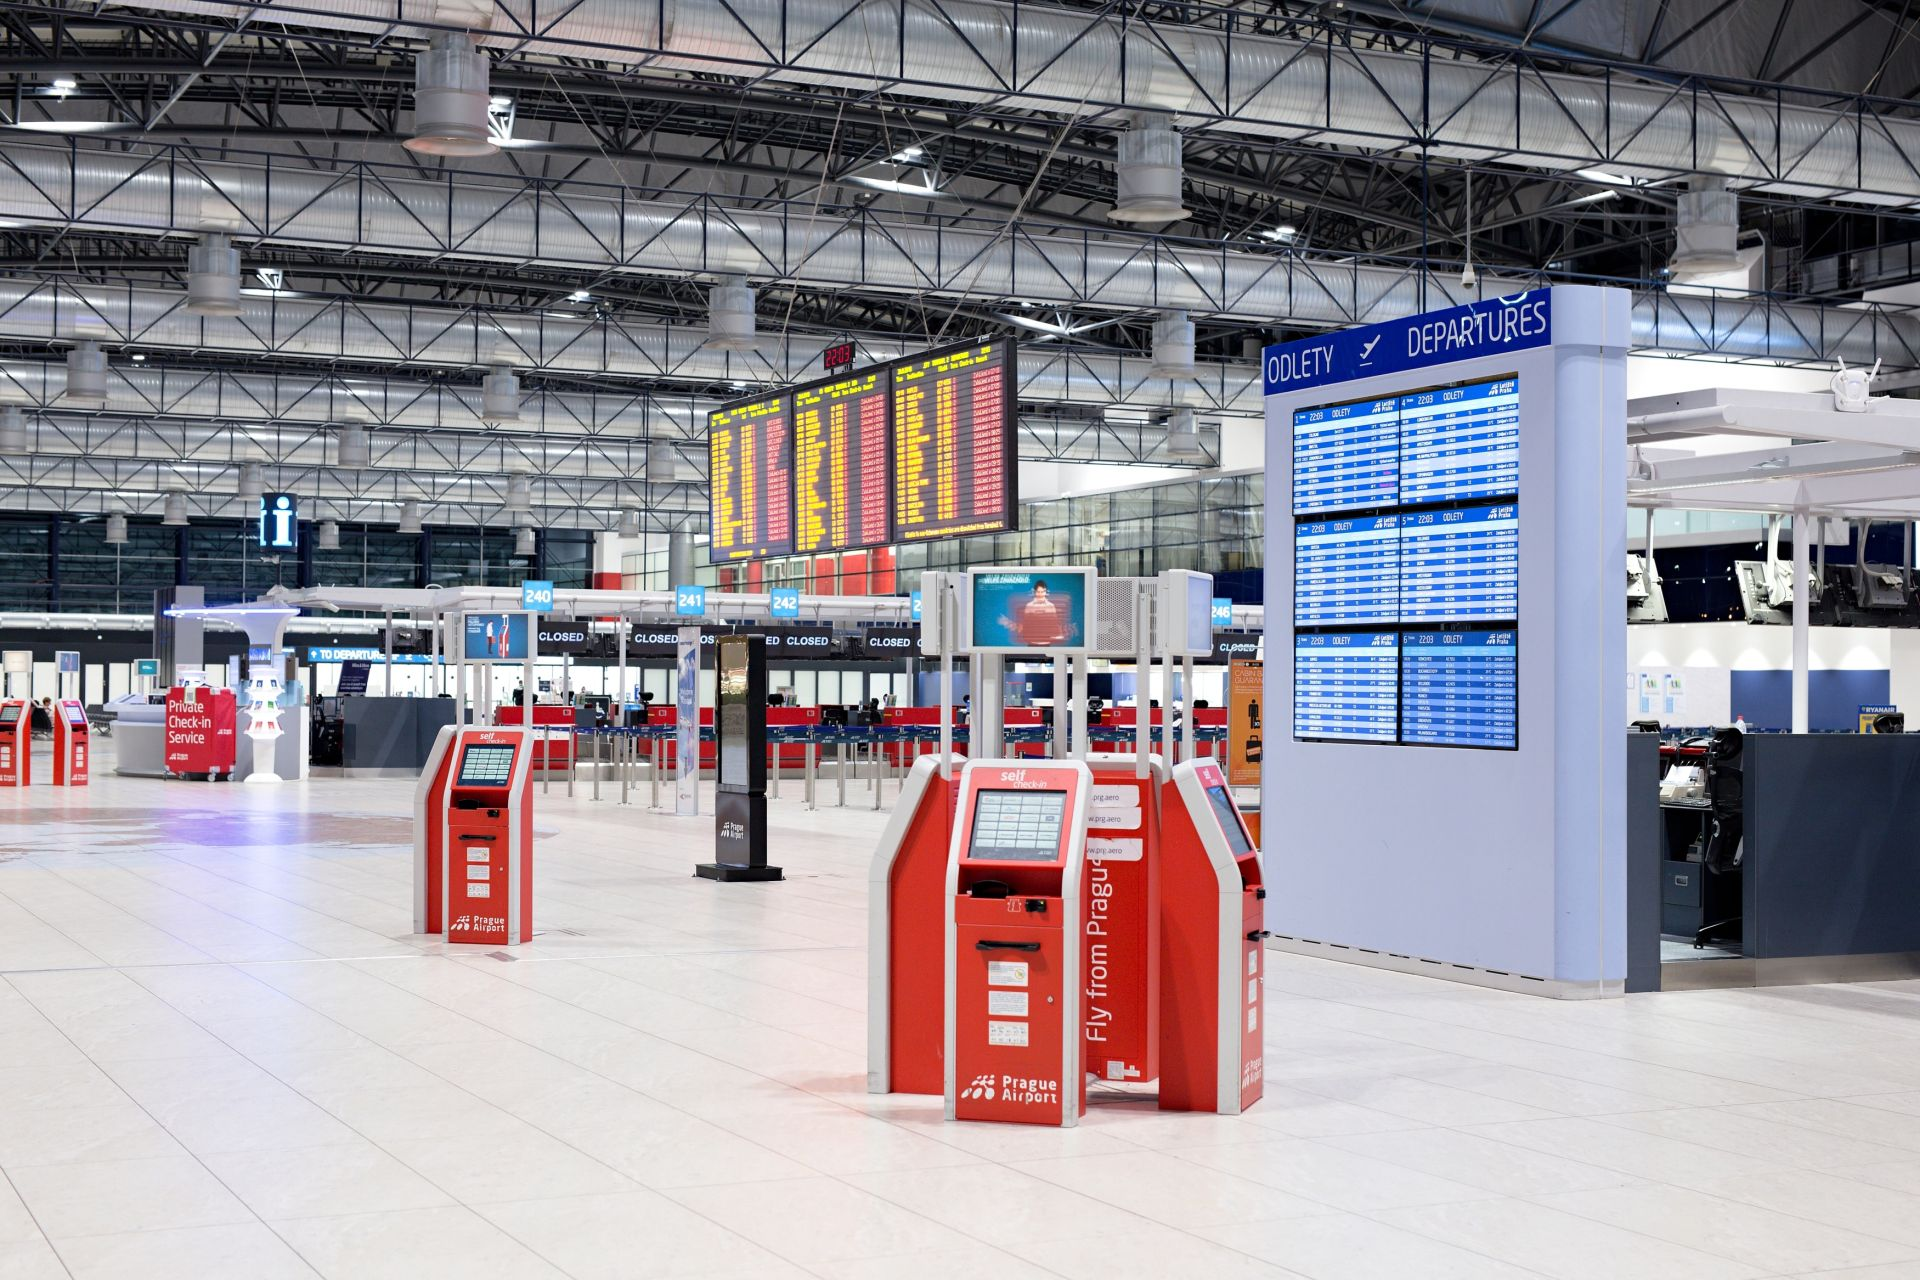 Odletová hala Terminálu 2. Foto: Letiště Praha